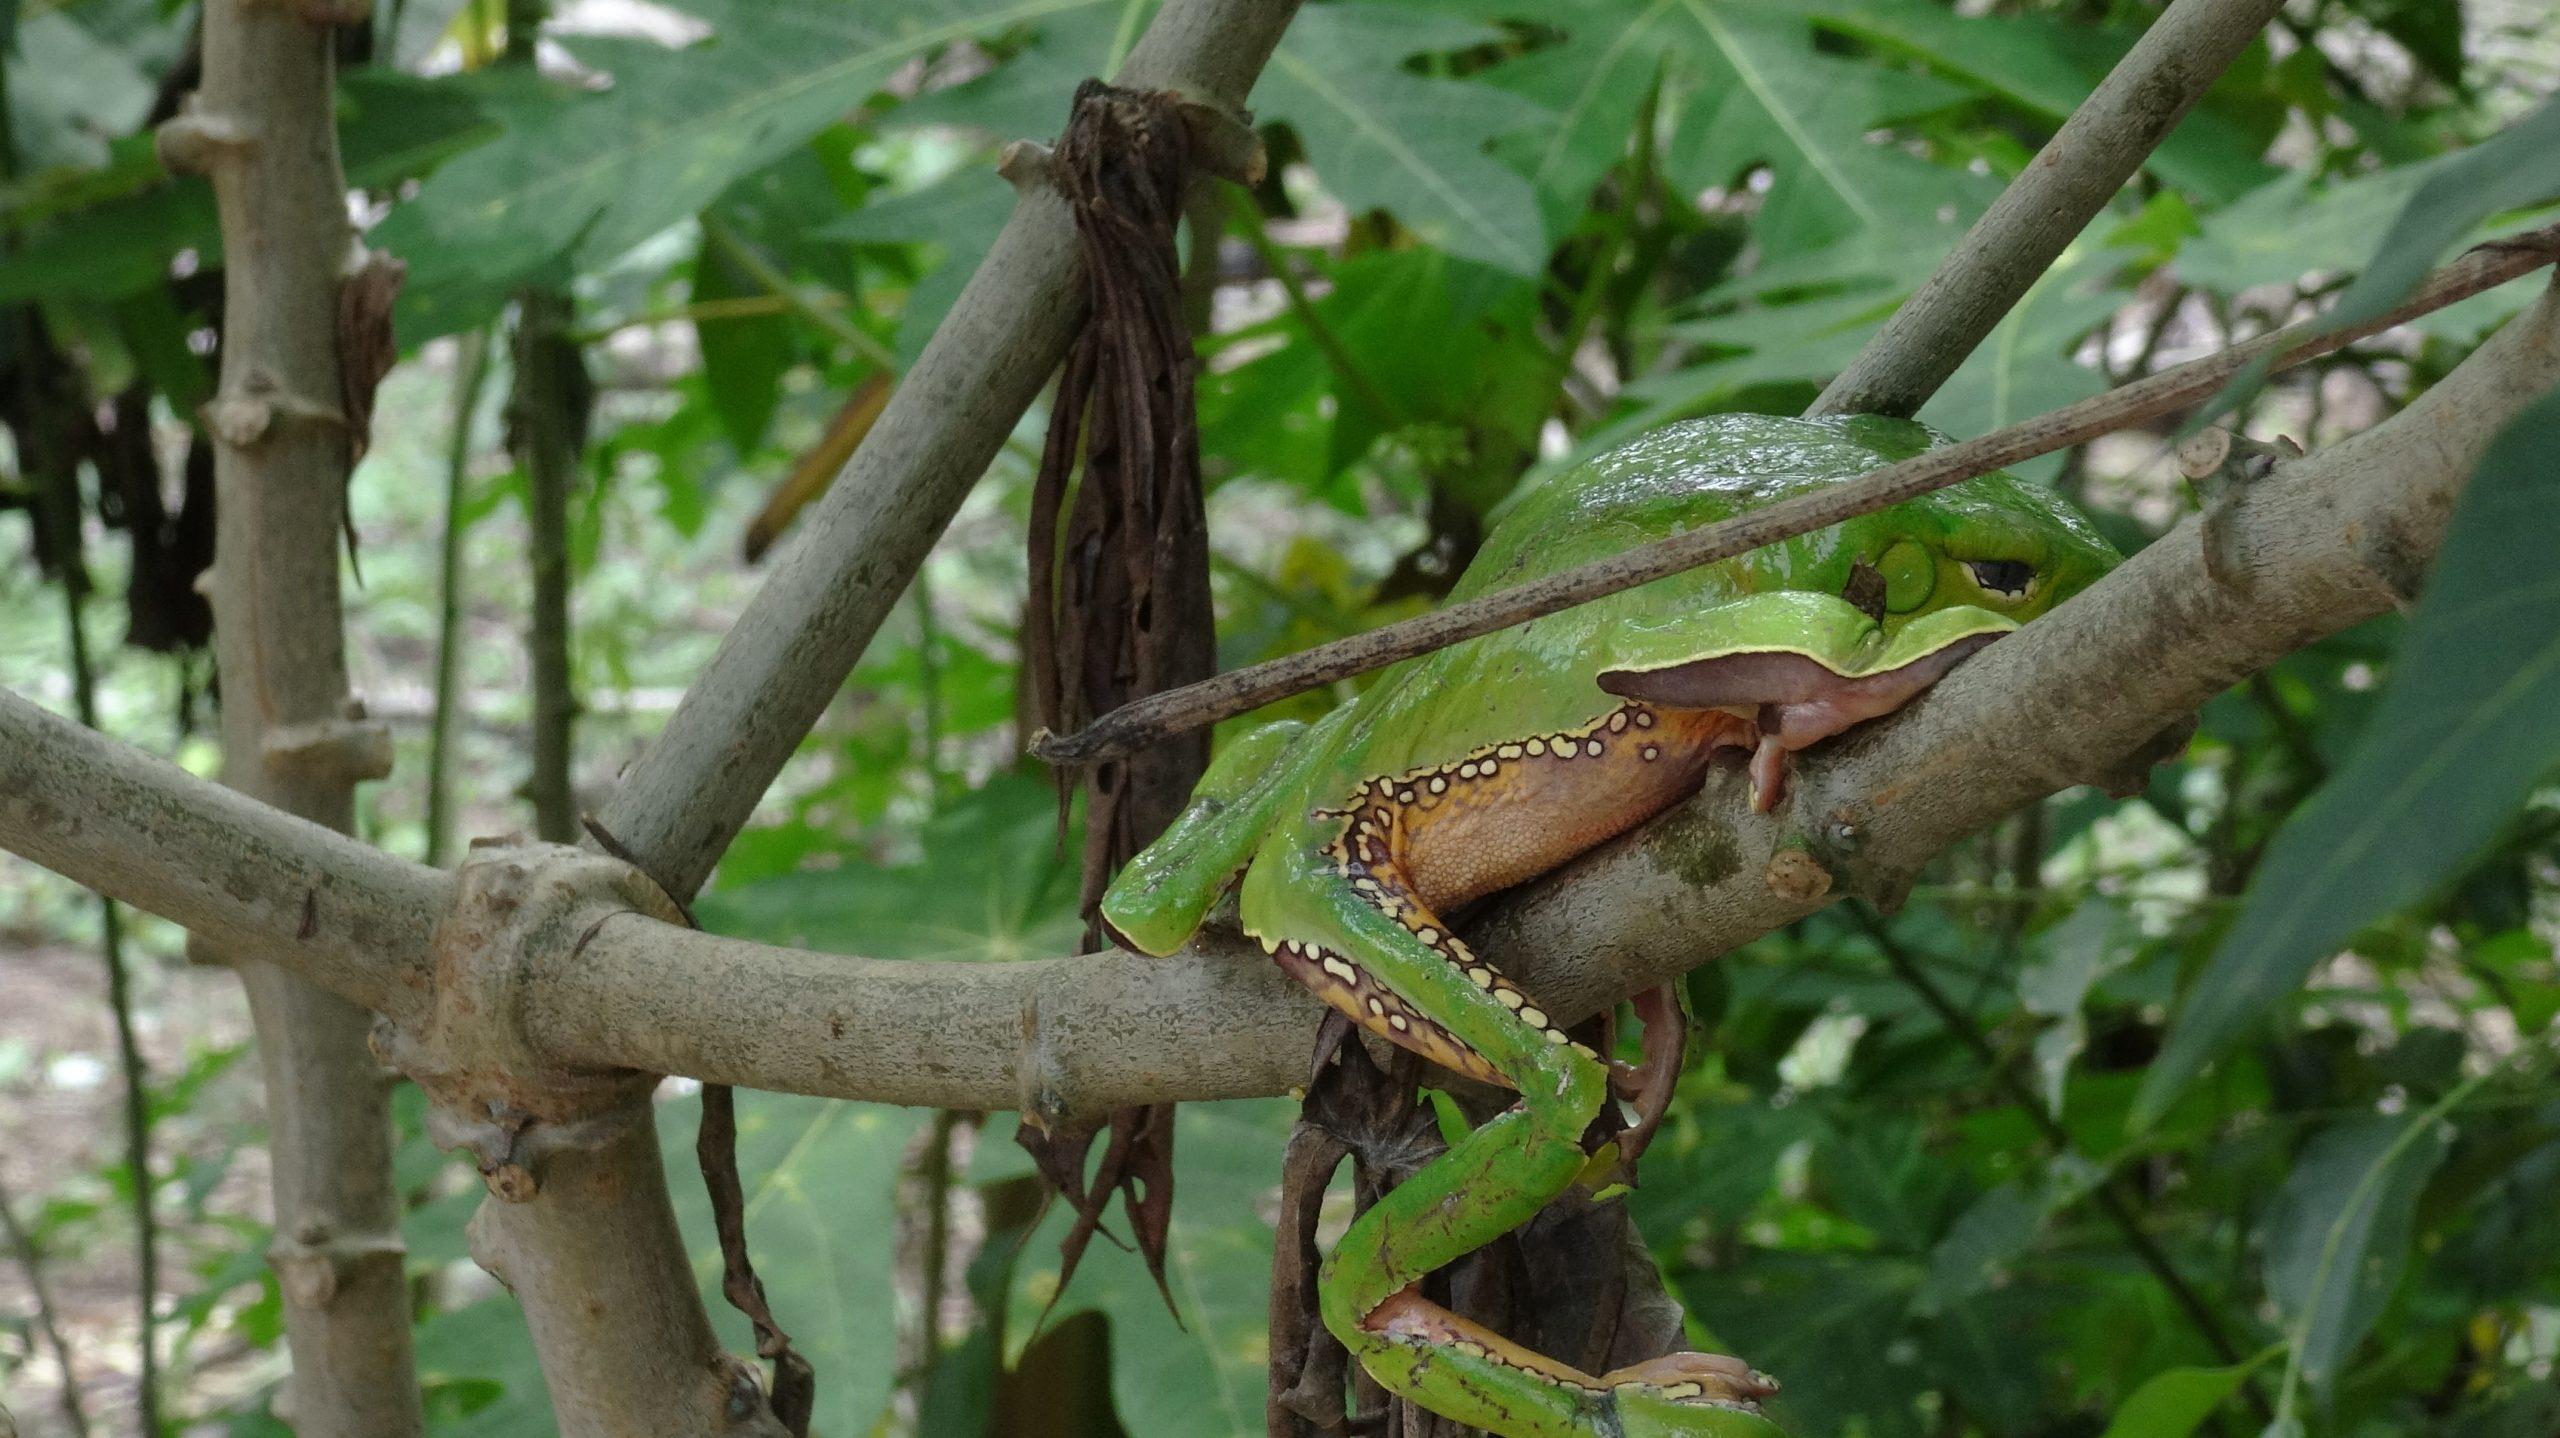 kambo frog during retreat at Alquimia